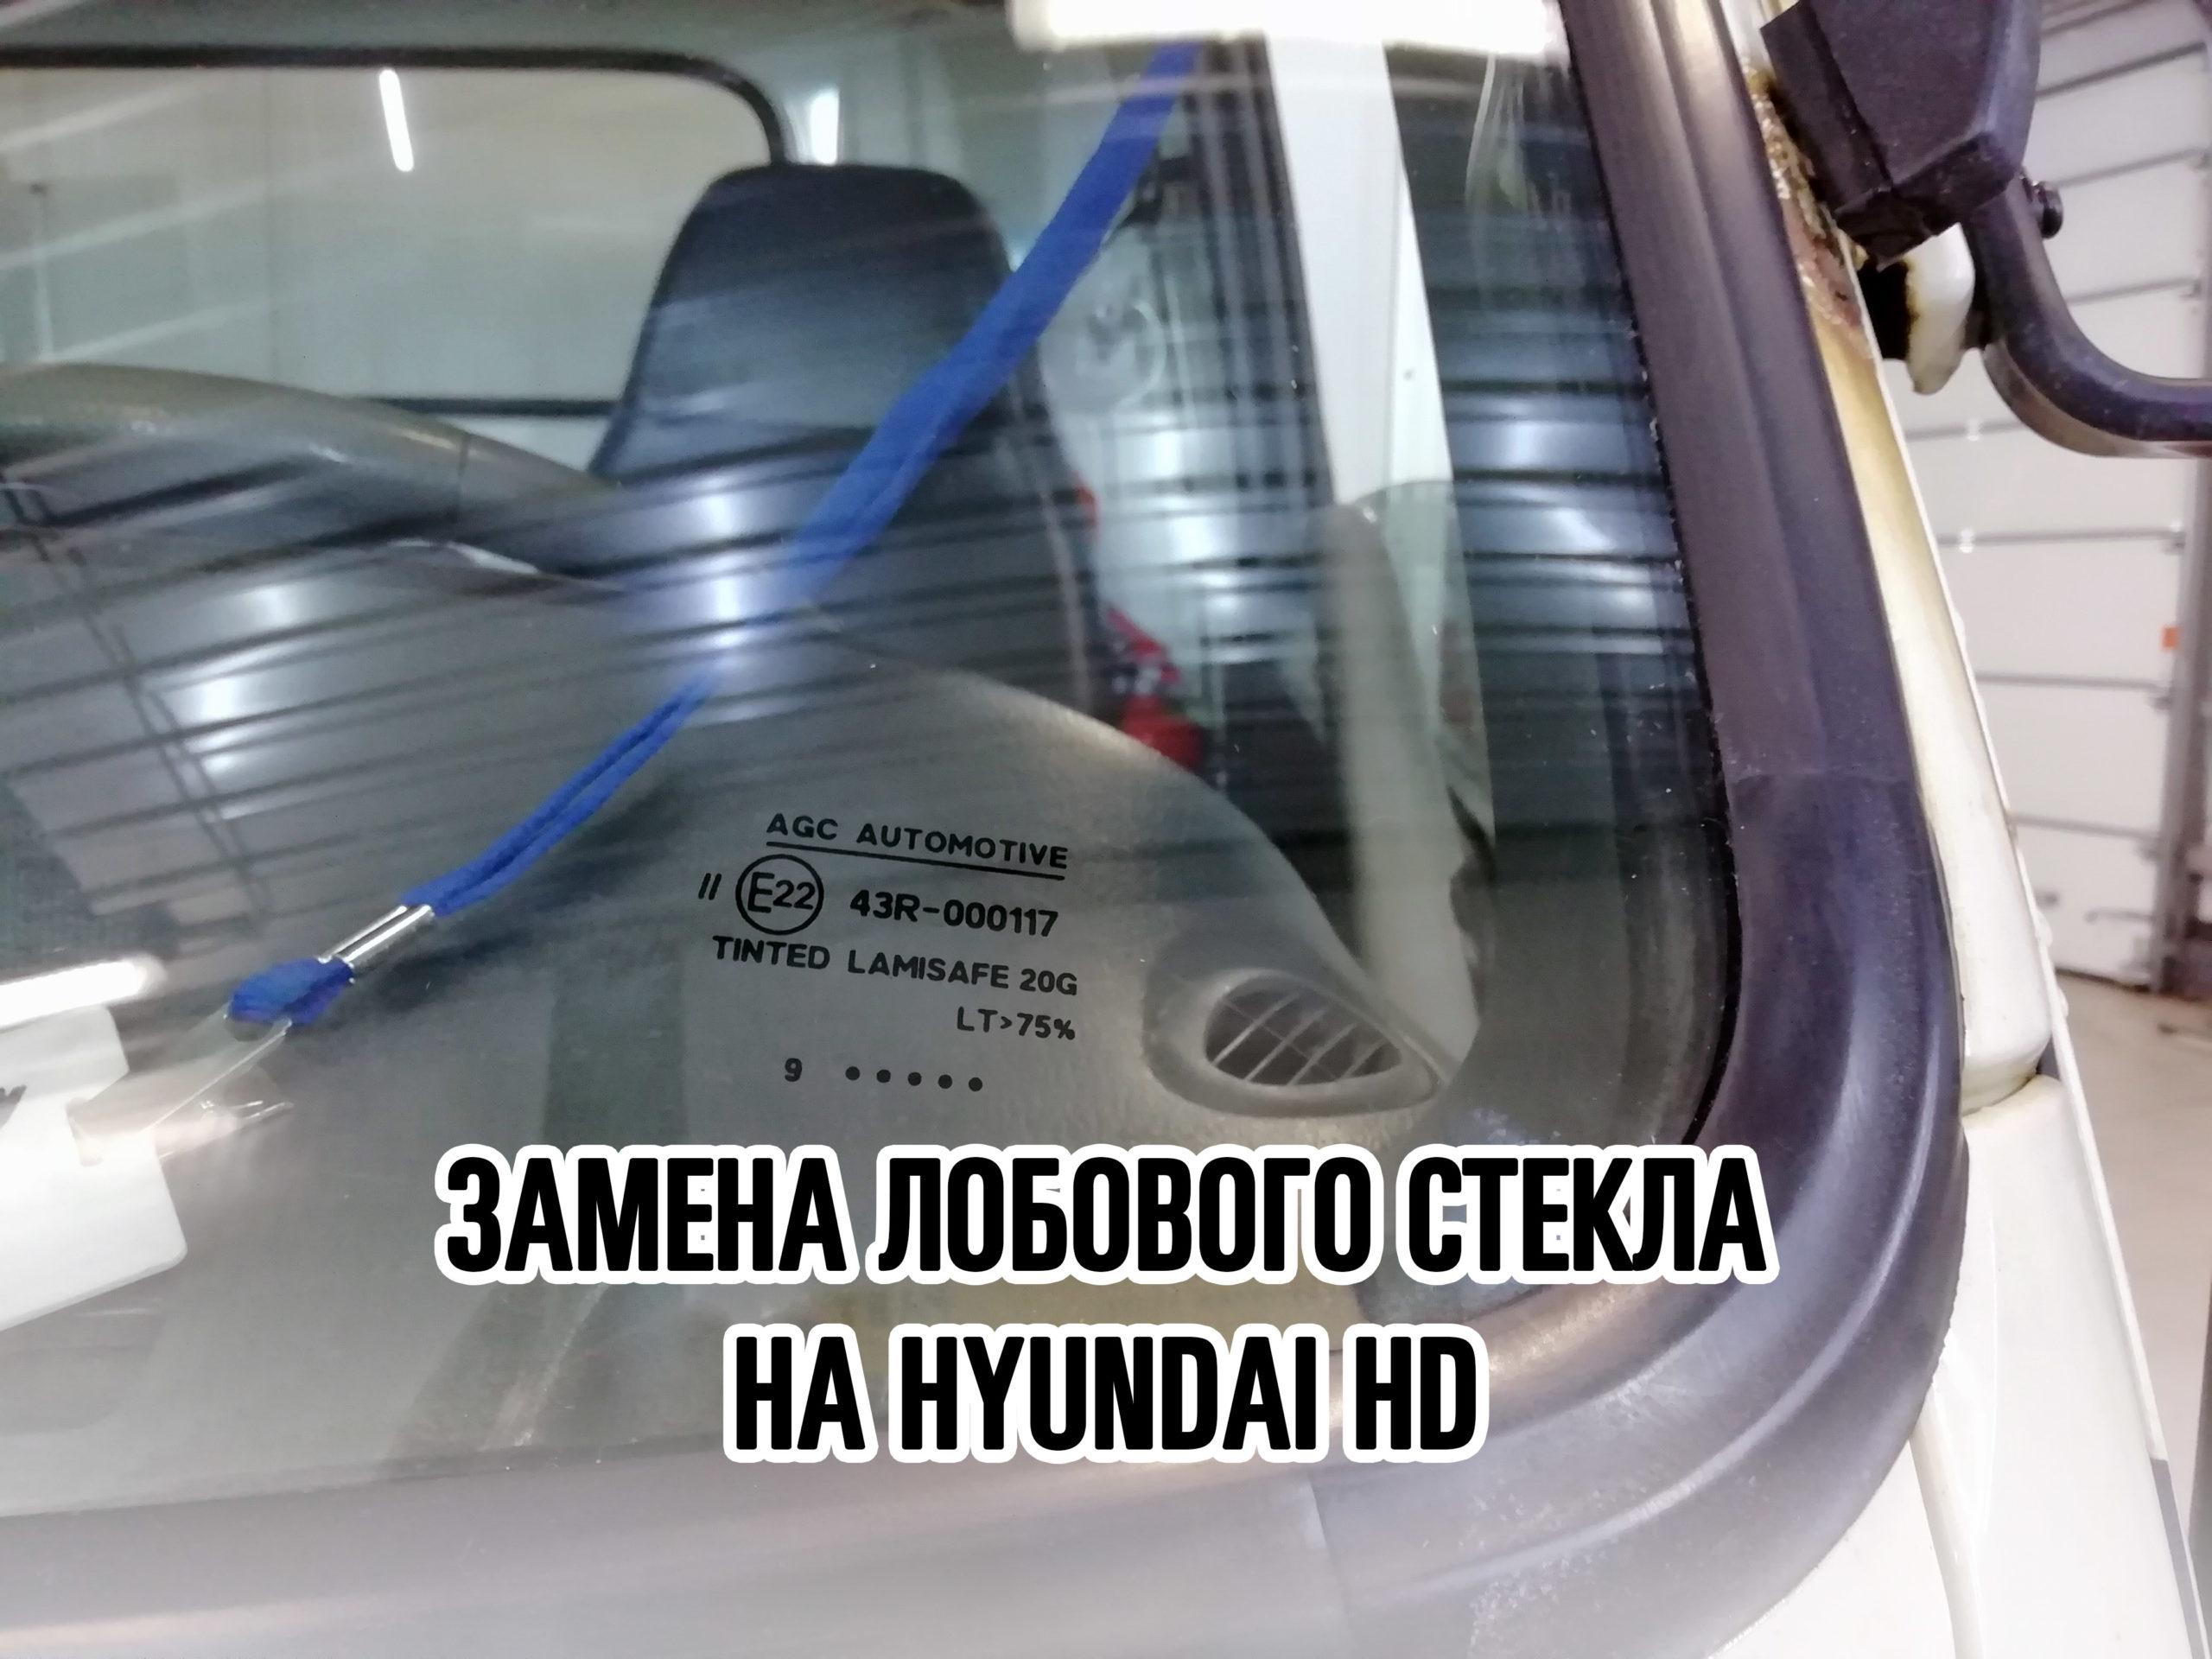 Лобовое стекло на Hyundai HD купить и установить в Москве